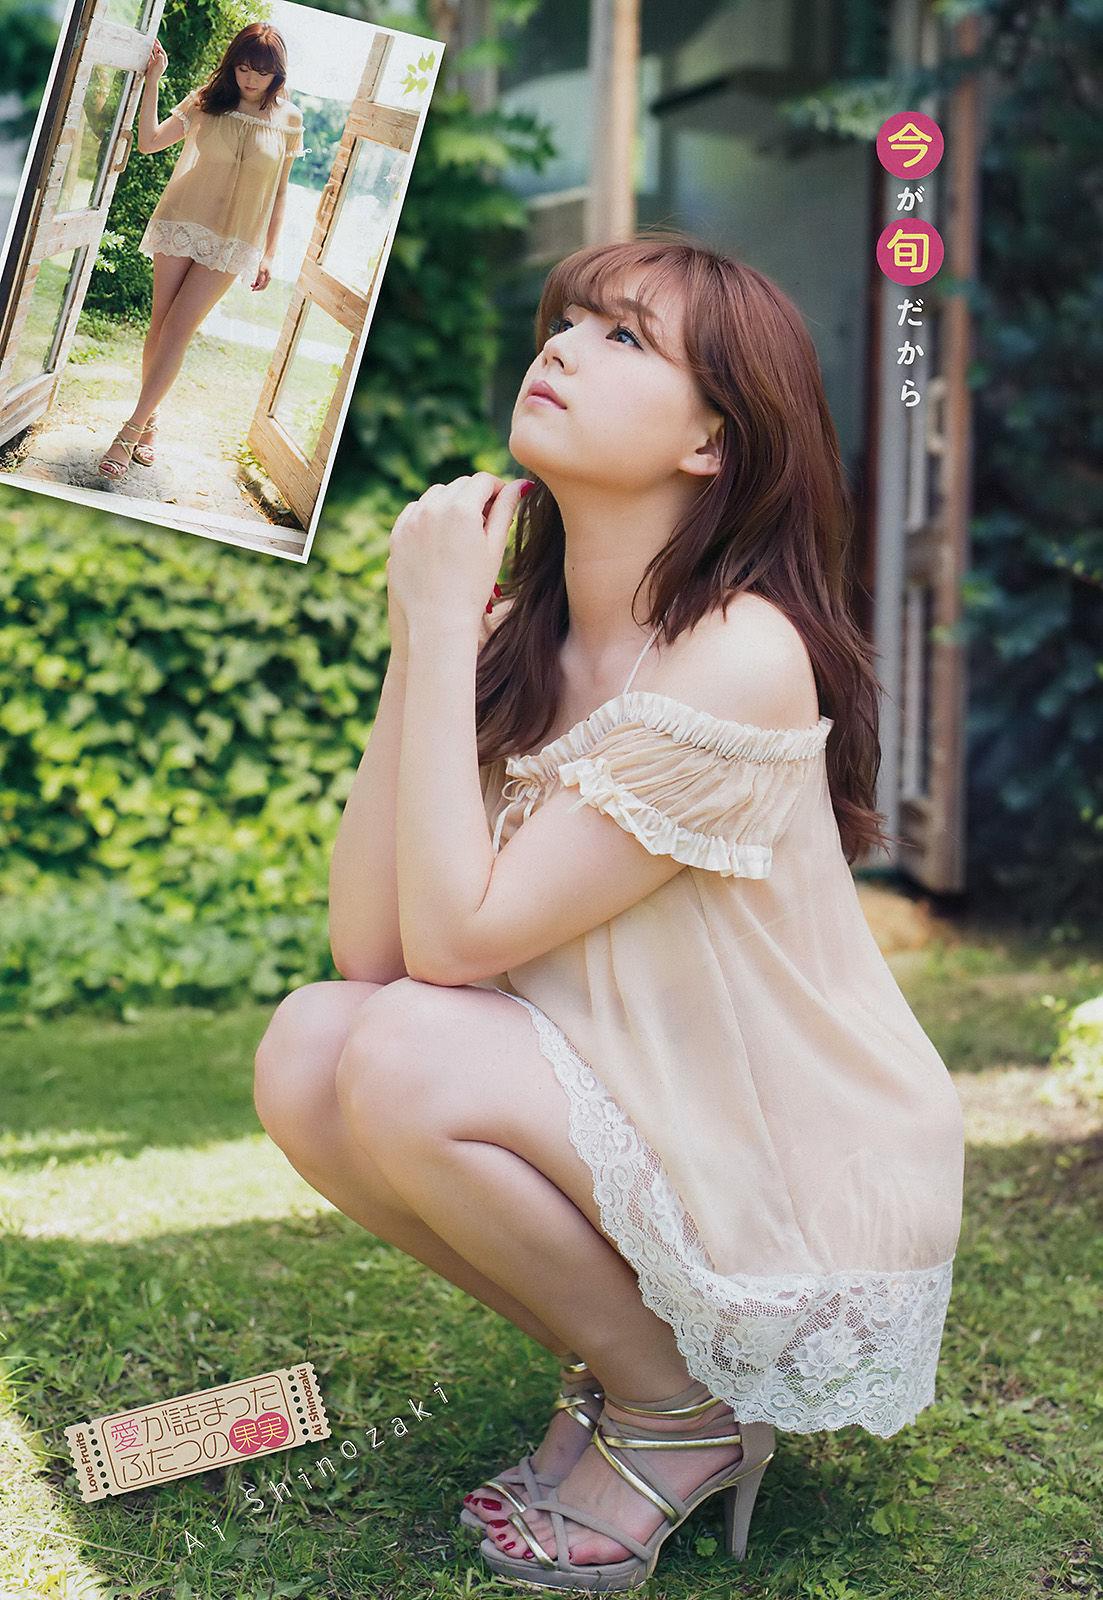 [Young Champion杂志写真]筱崎爱超高清写真大图片(15P) 181热度